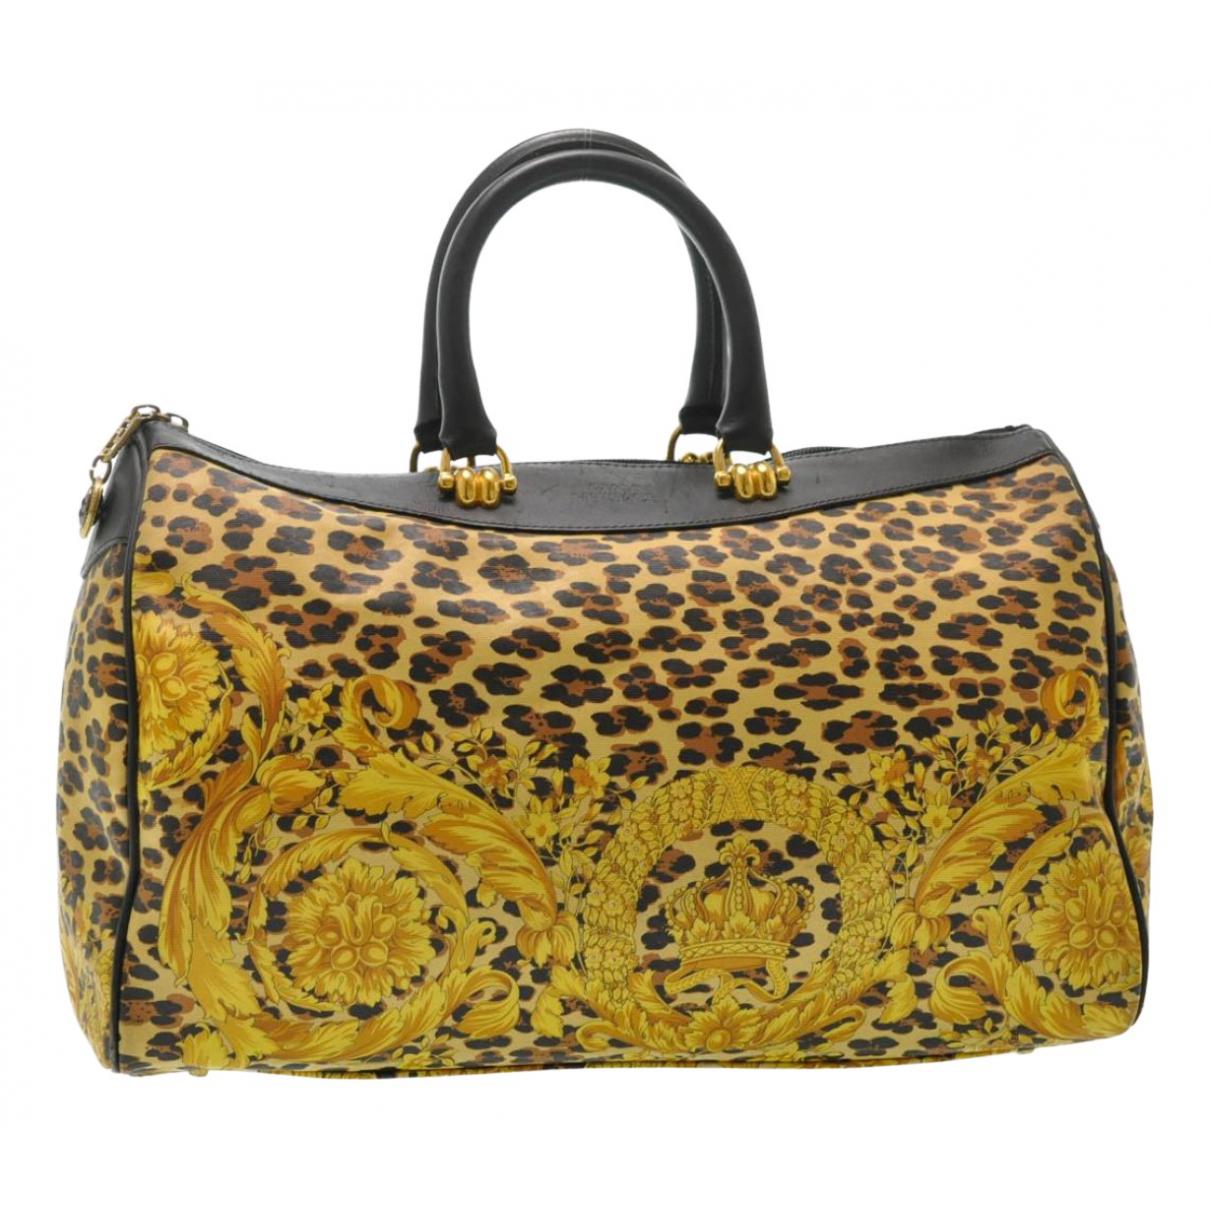 Gianni Versace - Sac de voyage   pour femme en toile - jaune